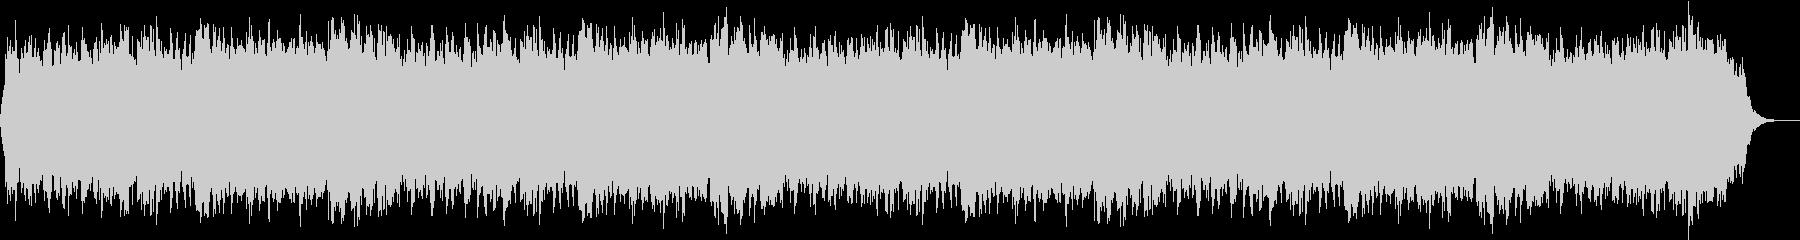 カウンセリングに最適なBGMの未再生の波形